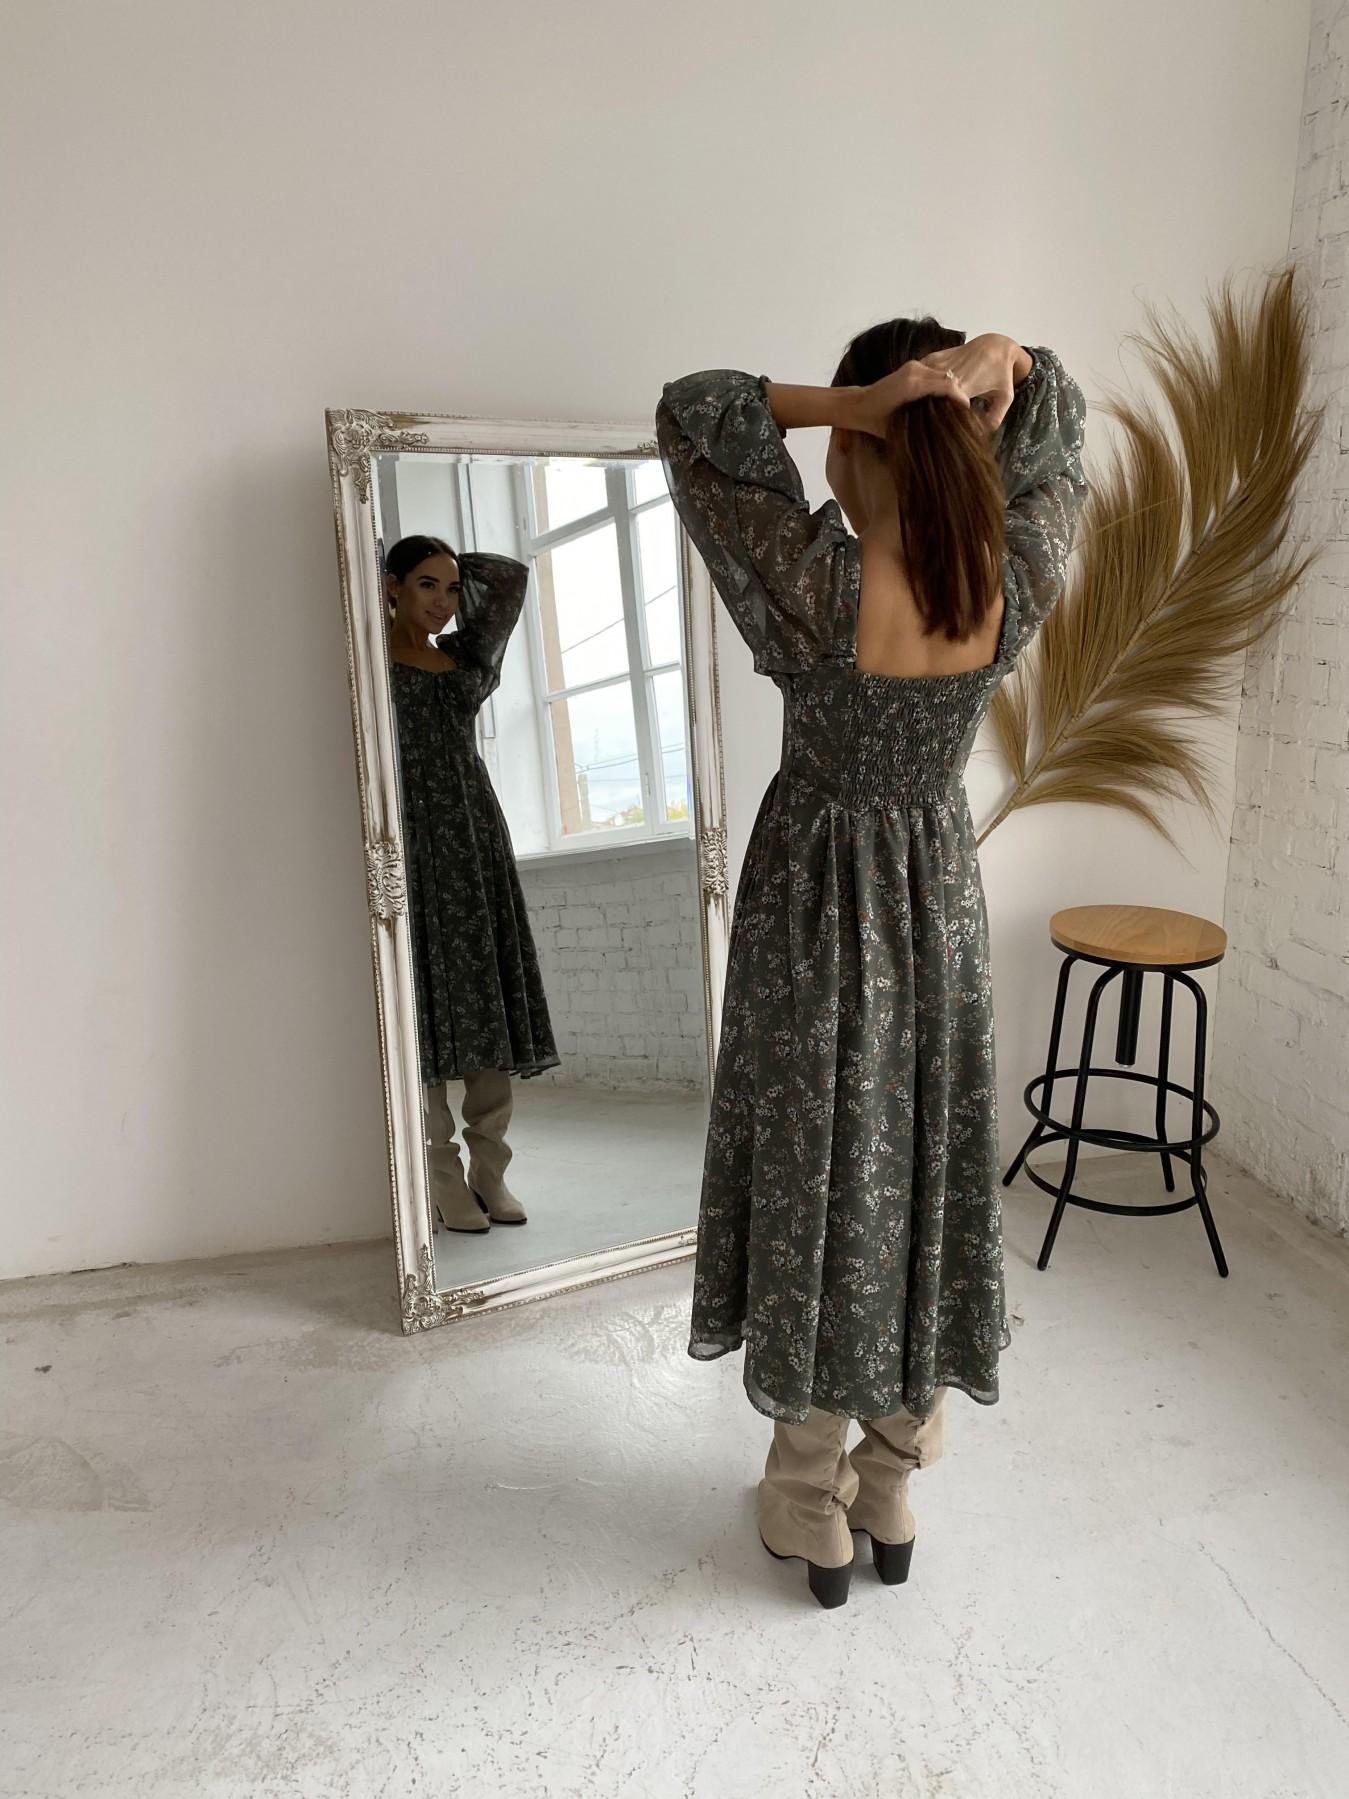 Кисес платье из шифона с цветочным принтом 11774 АРТ. 48625 Цвет: Зеленый/МолокоЦветыНаВетке - фото 6, интернет магазин tm-modus.ru